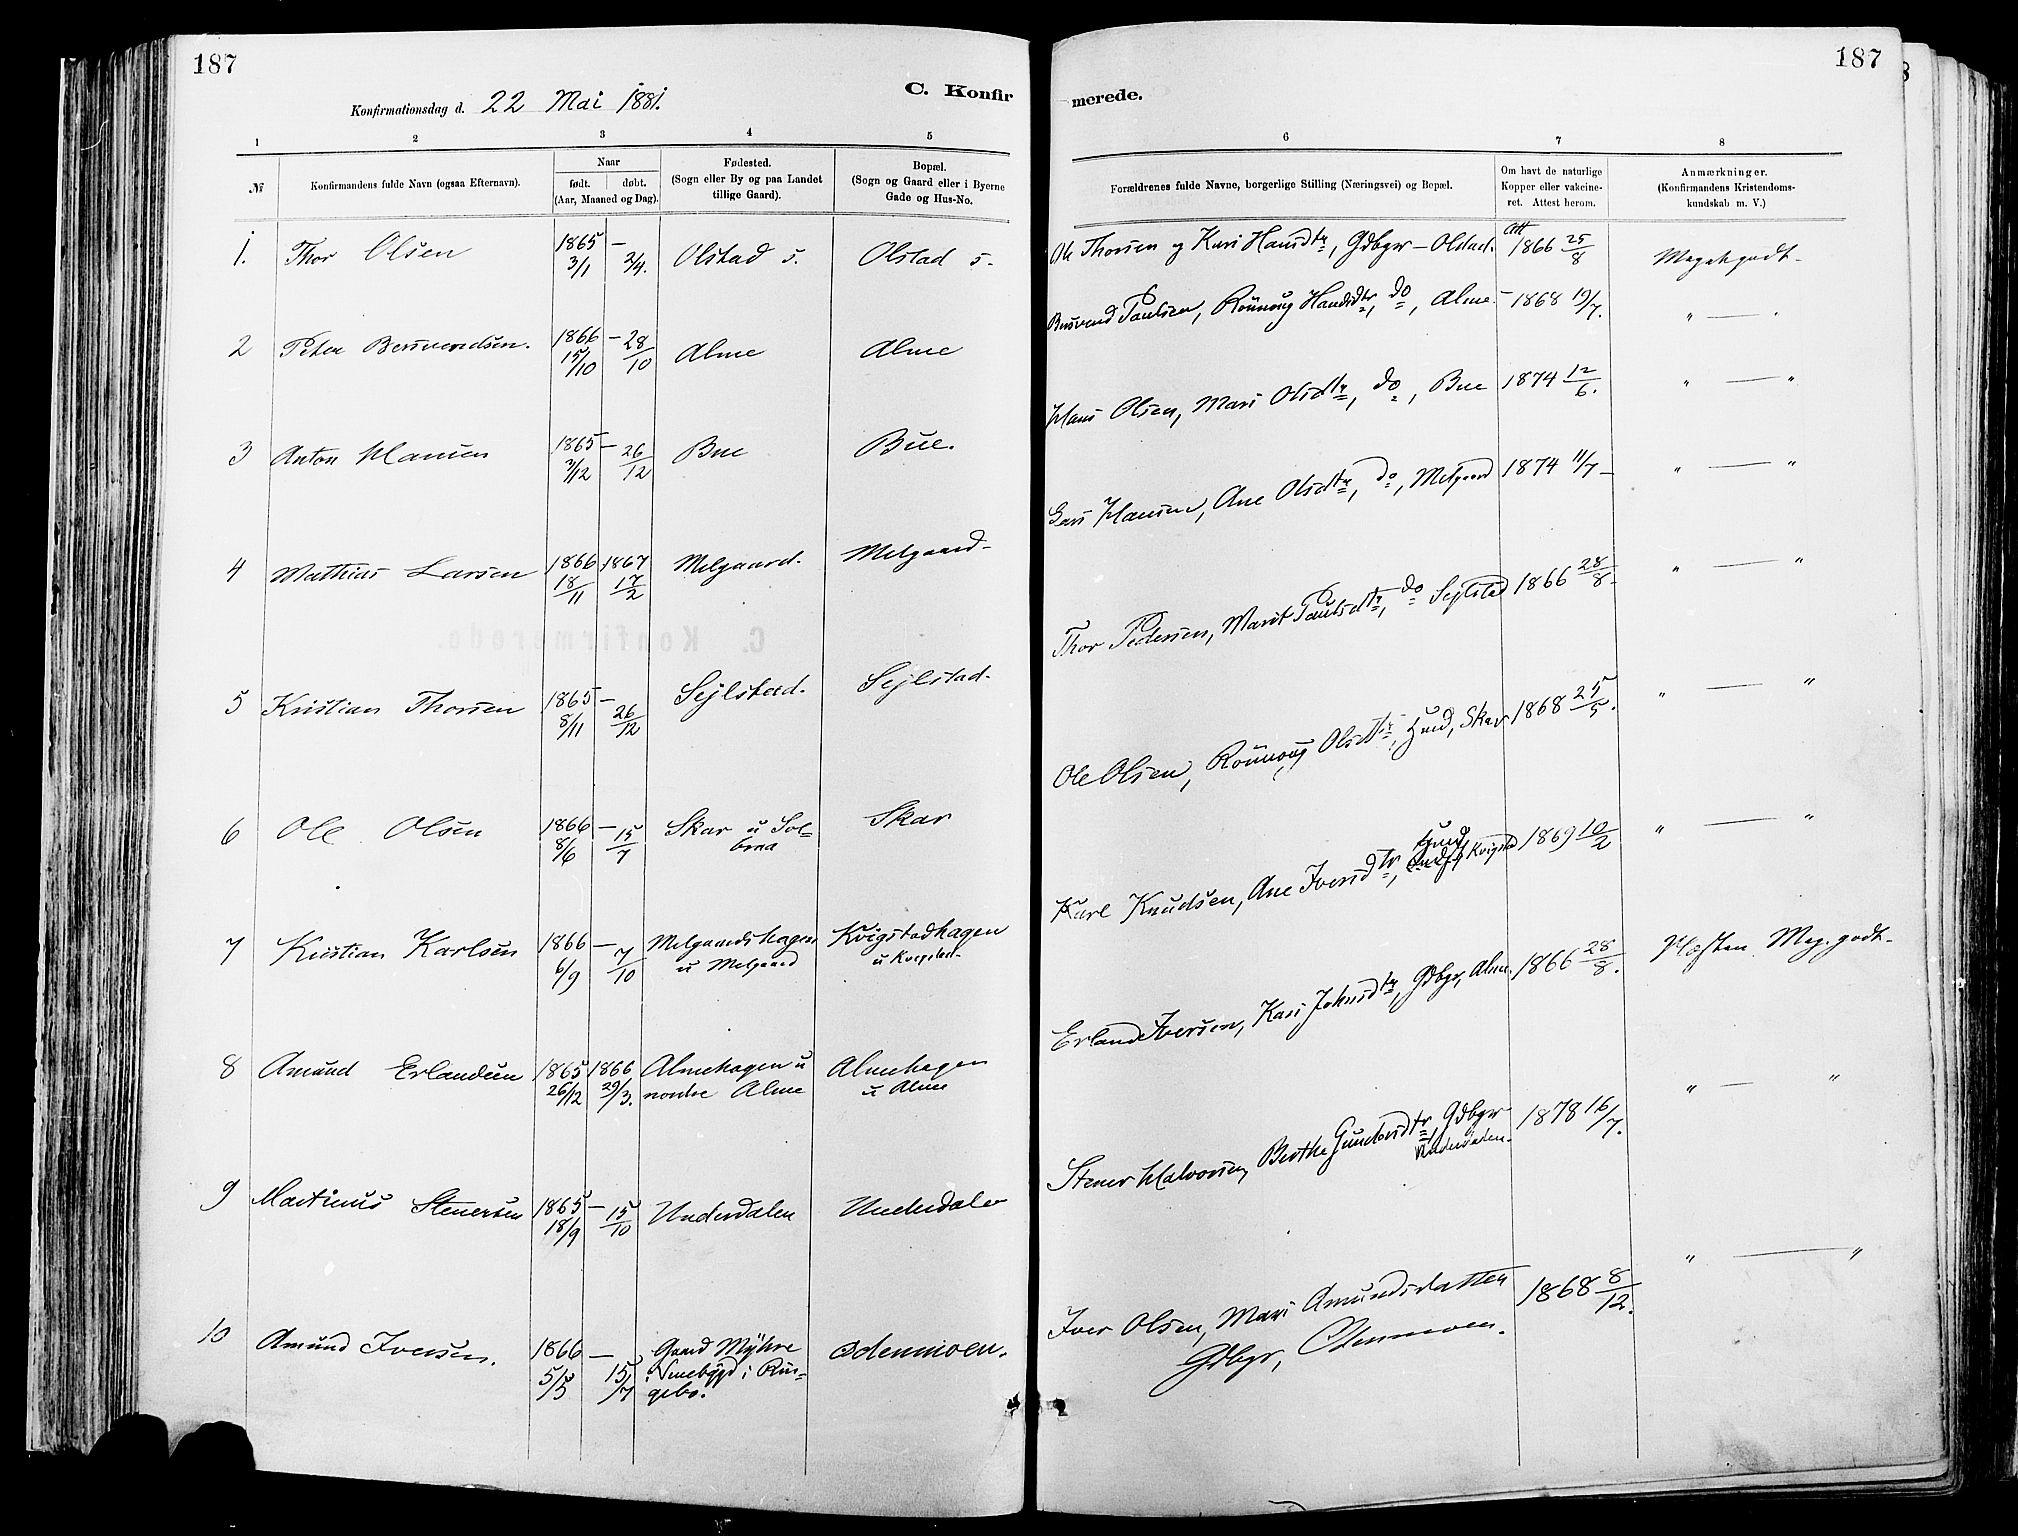 SAH, Sør-Fron prestekontor, H/Ha/Haa/L0003: Ministerialbok nr. 3, 1881-1897, s. 187